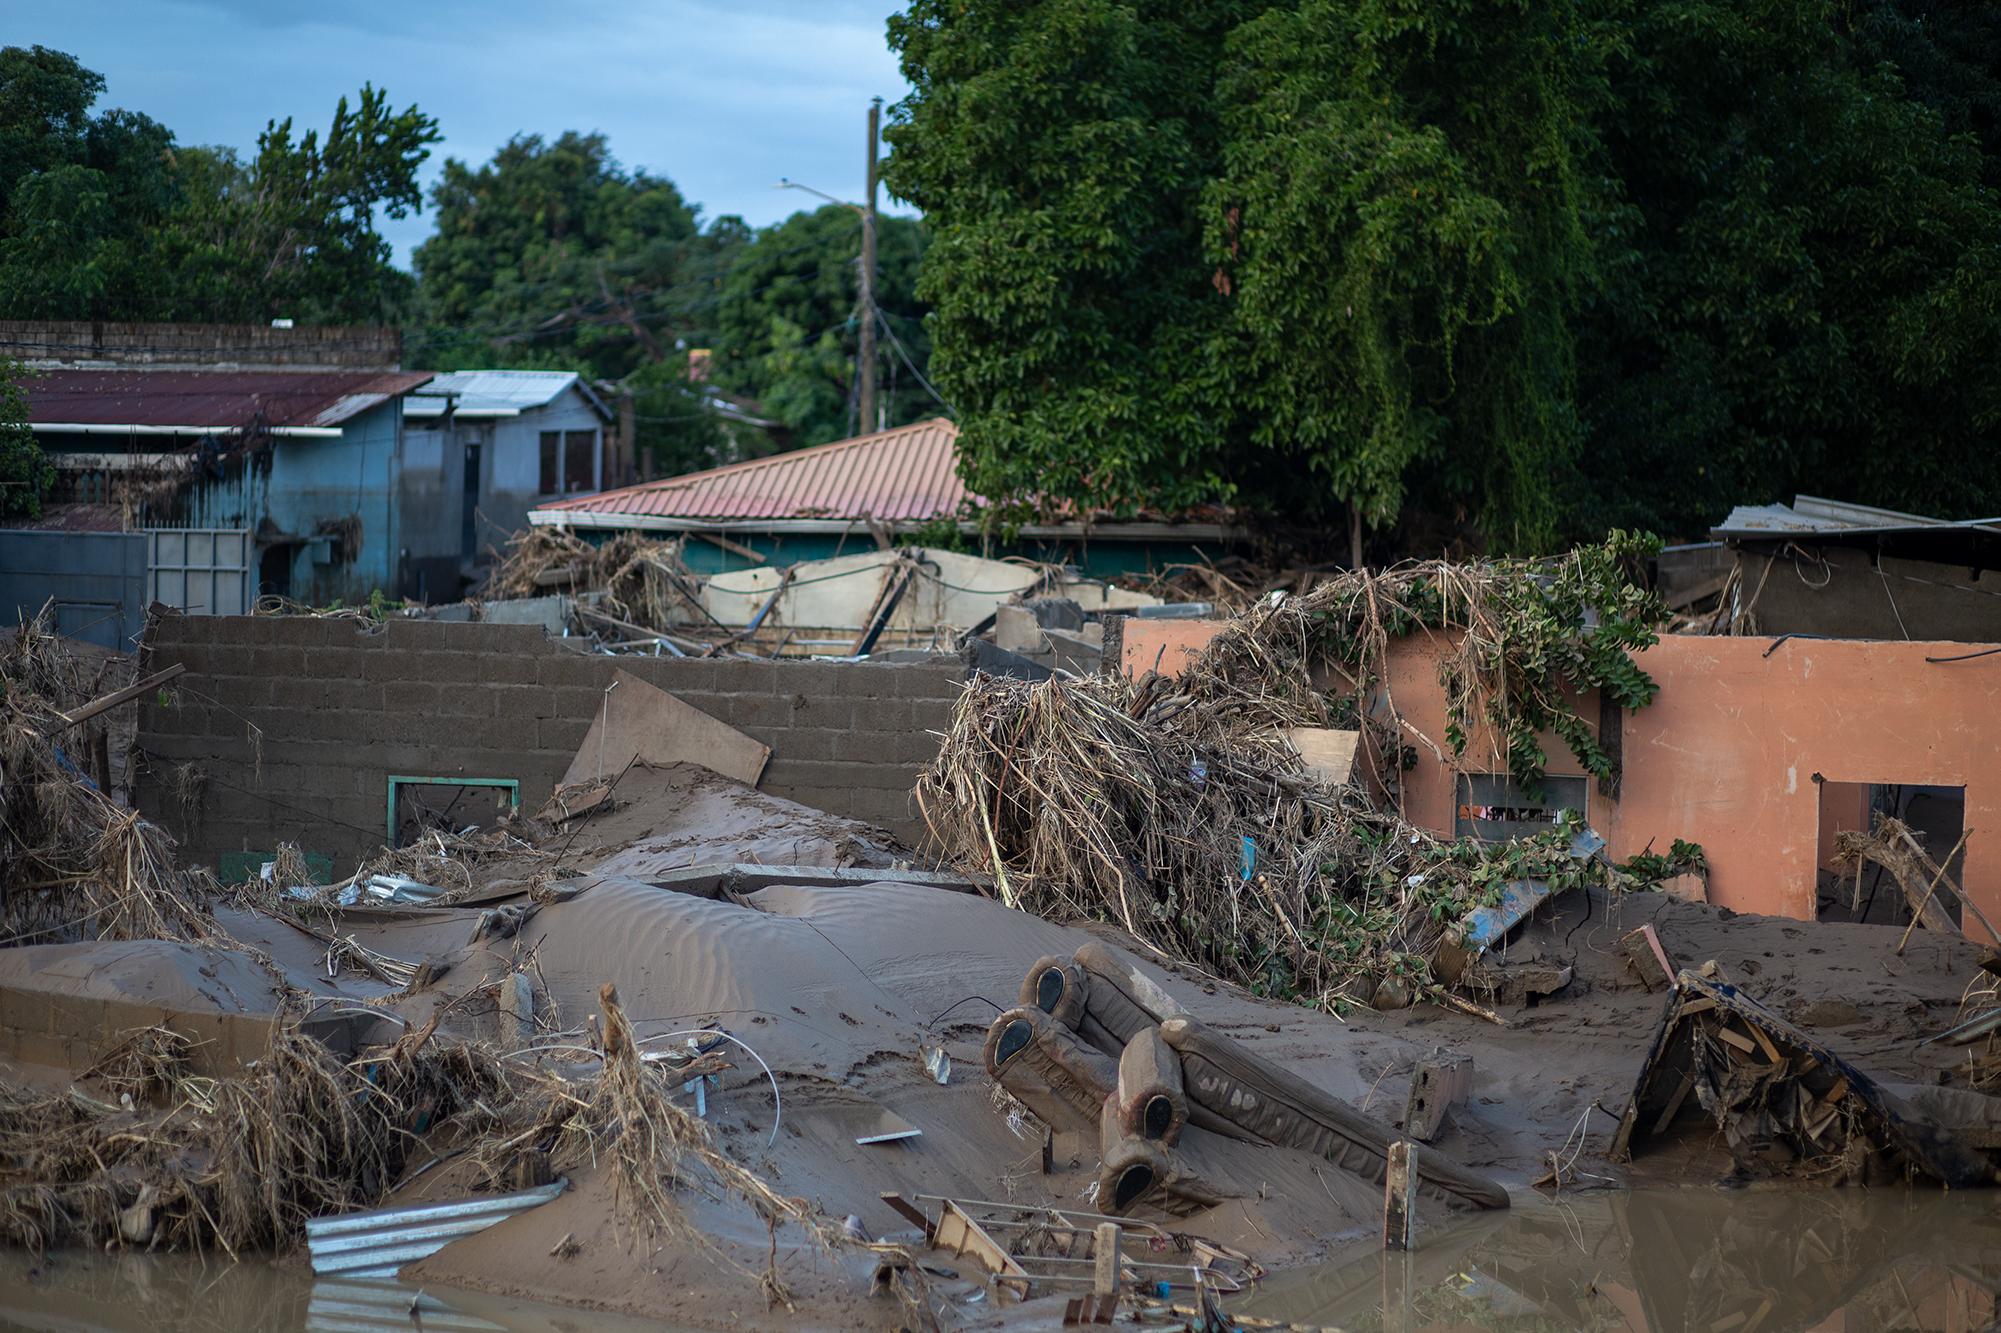 A lo largo del bordo del río Chamelecón unas 1500 casas han sido devastadas por las lluvias y las inundaciones tras el paso de las tormentas tropicales Eta e Iota. San Pedro Sula, 20 de noviembre de 2020. Foto: Martín Cálix.